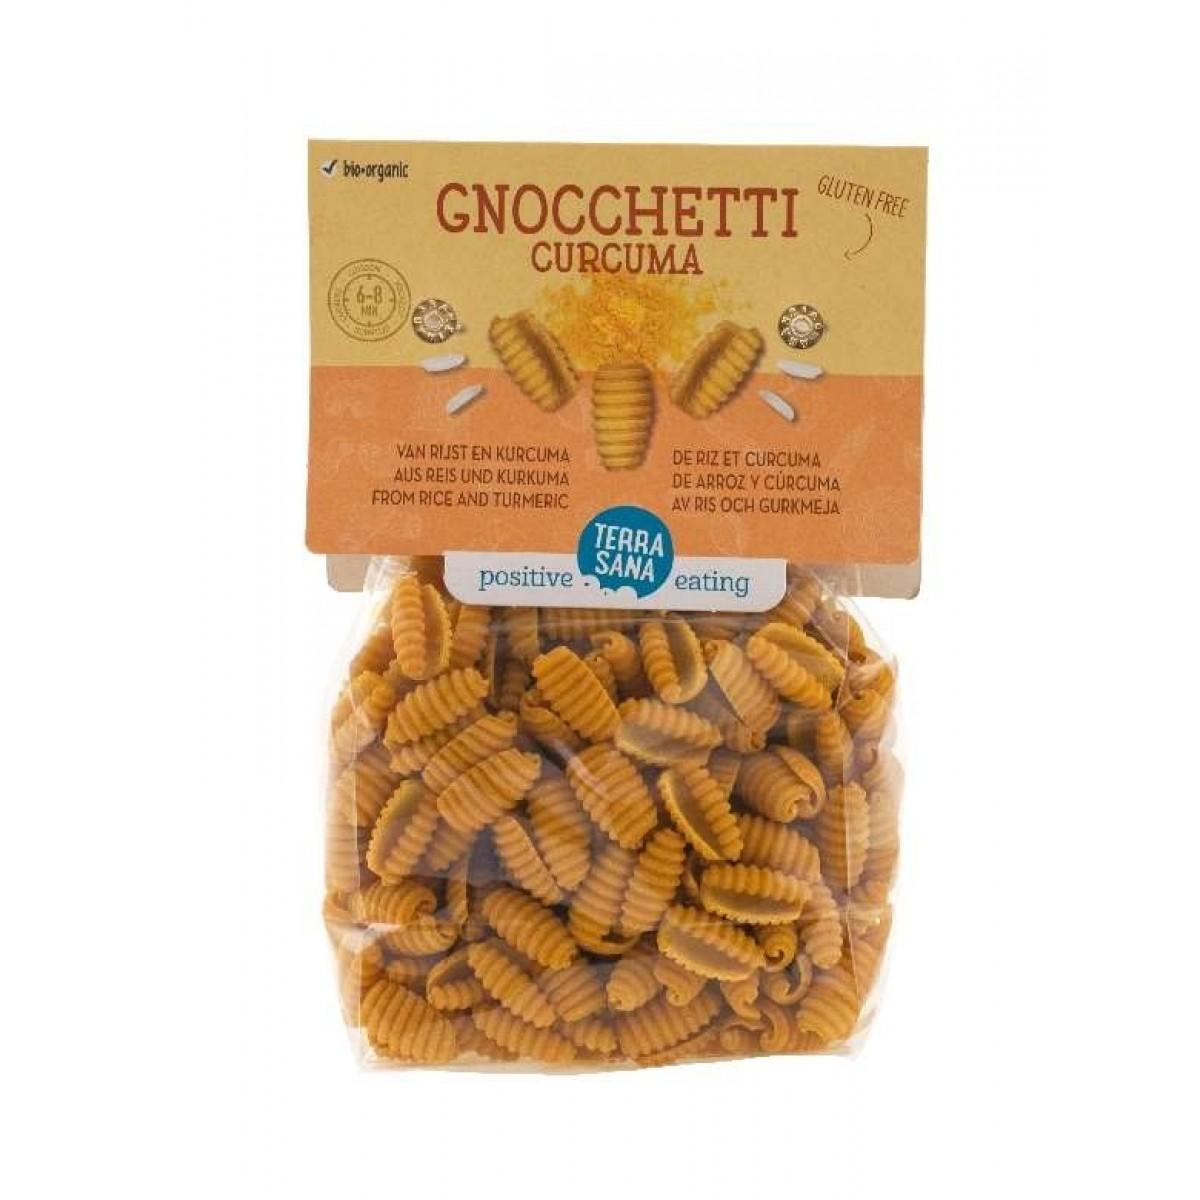 Gnocchetti Curcuma - Van Rijst & Curcuma